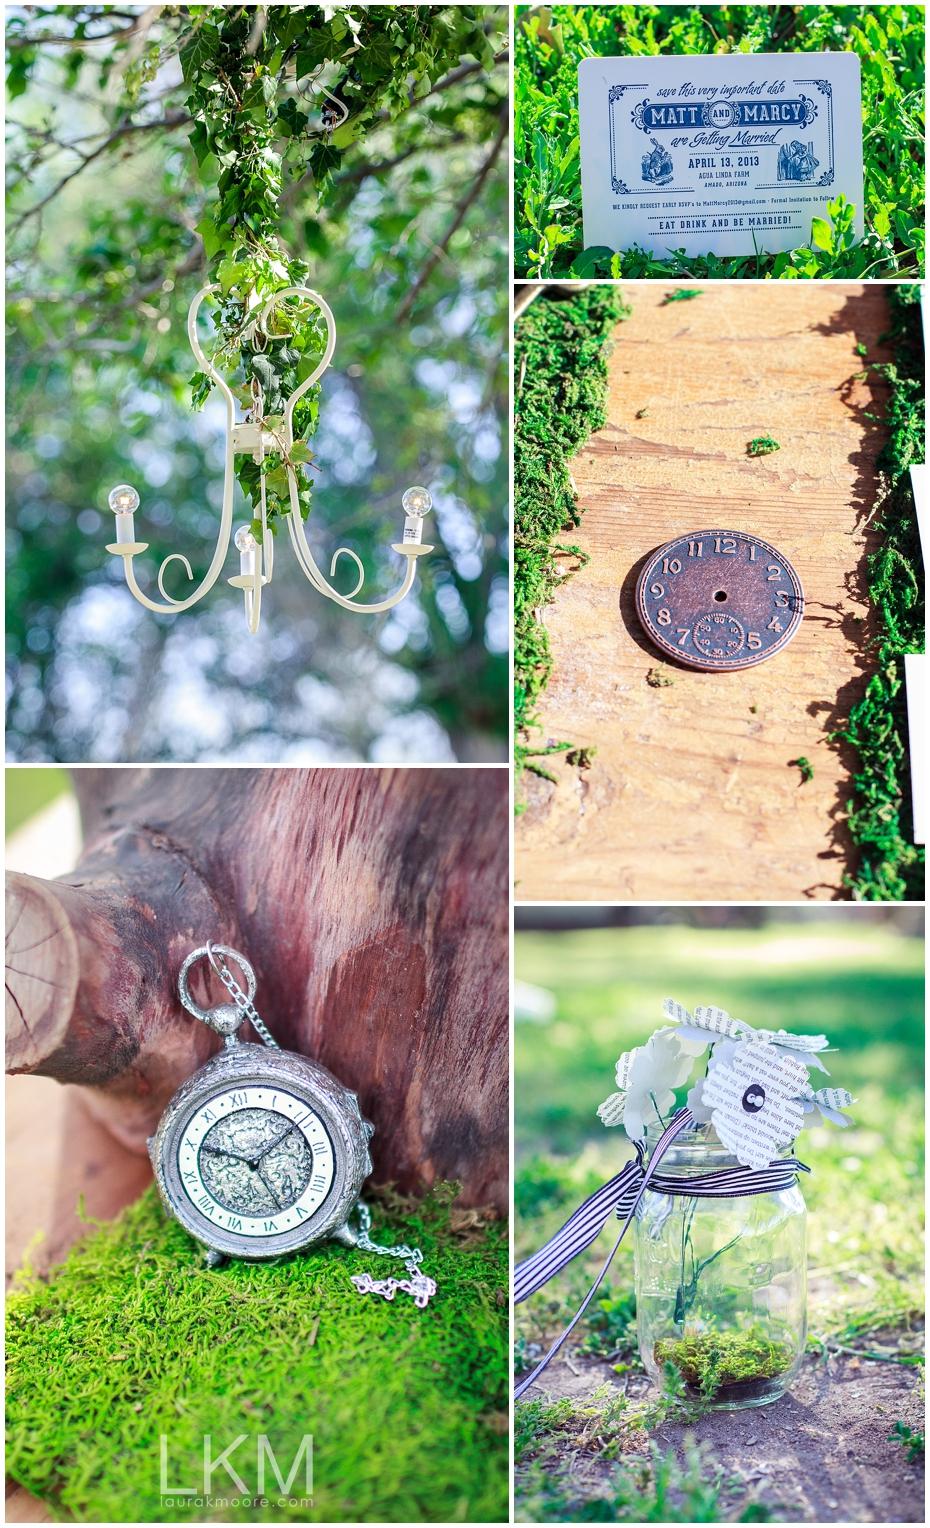 agua-linda-farm-alice-in-wonderland-tucson-wedding-photographer_0025.jpg